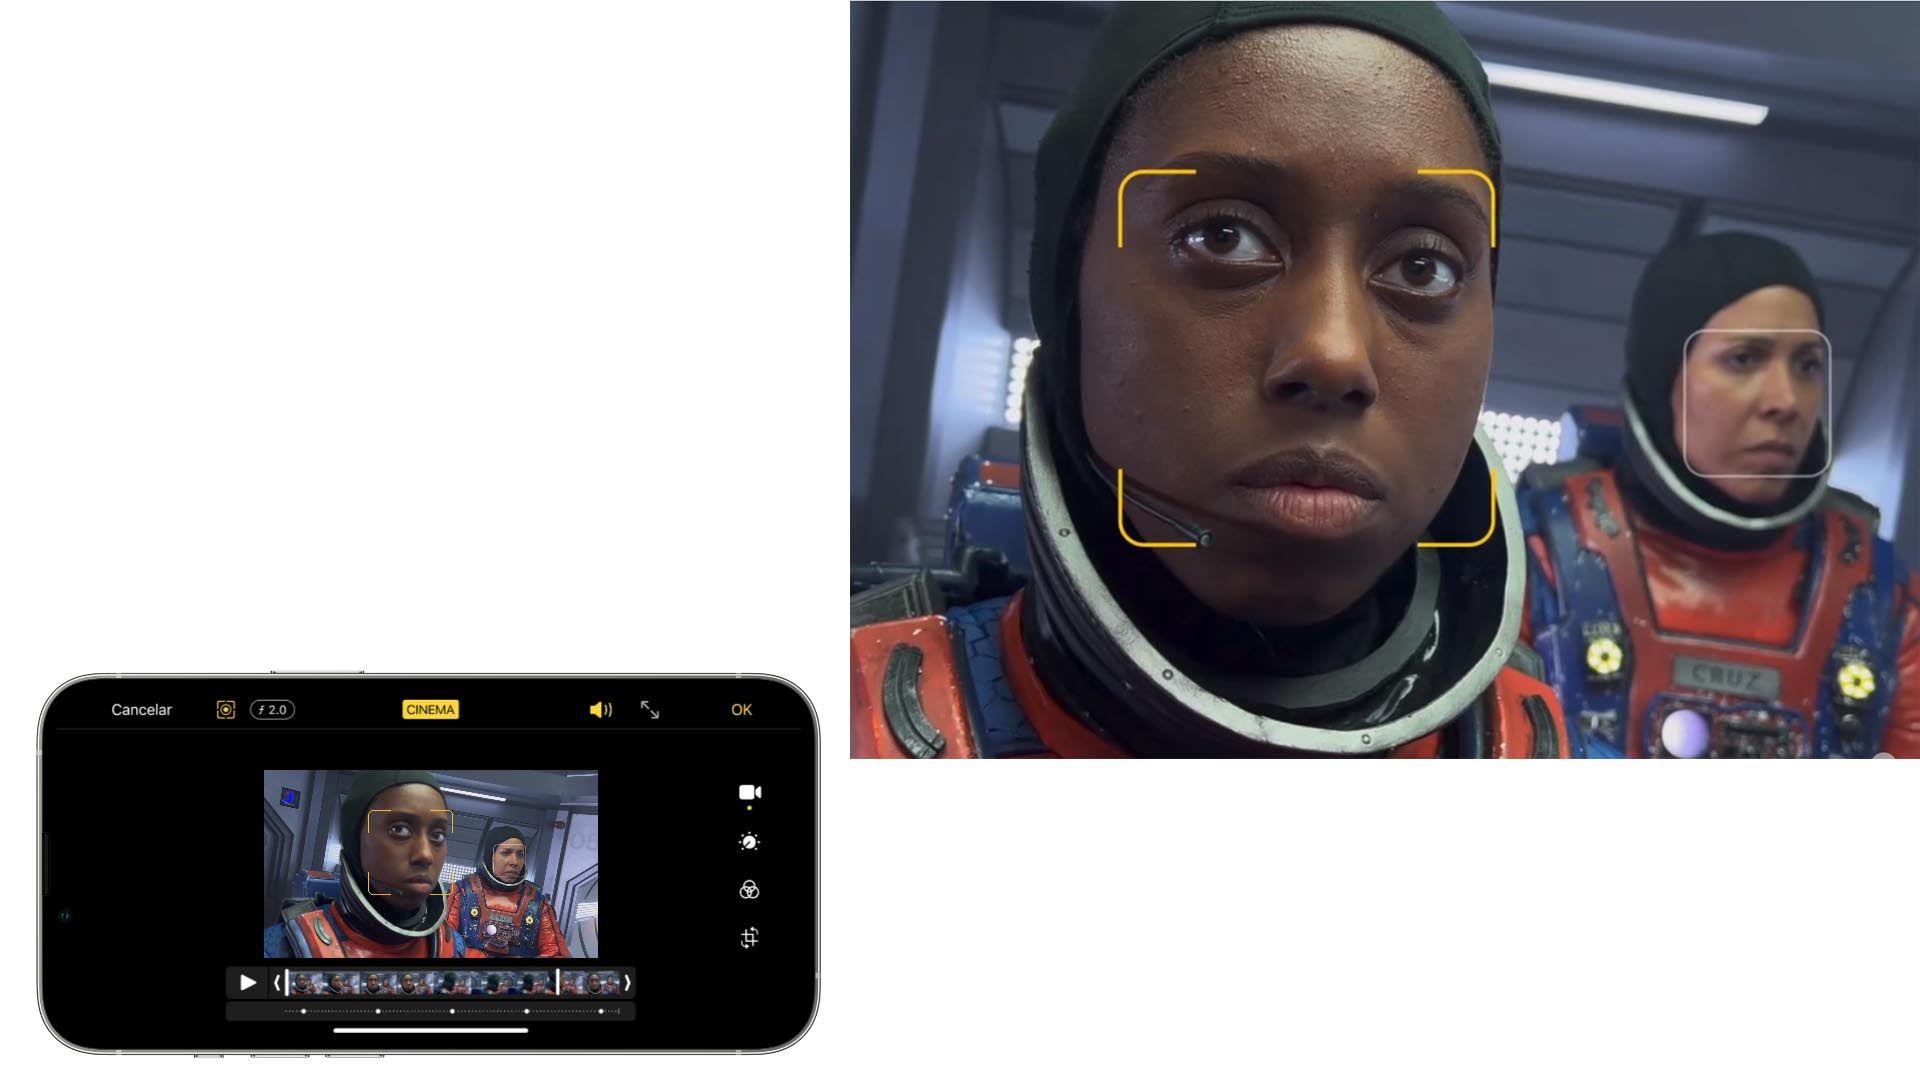 Imagem que mostra o iPhone 13 Pro Max aplicando o modo cinema